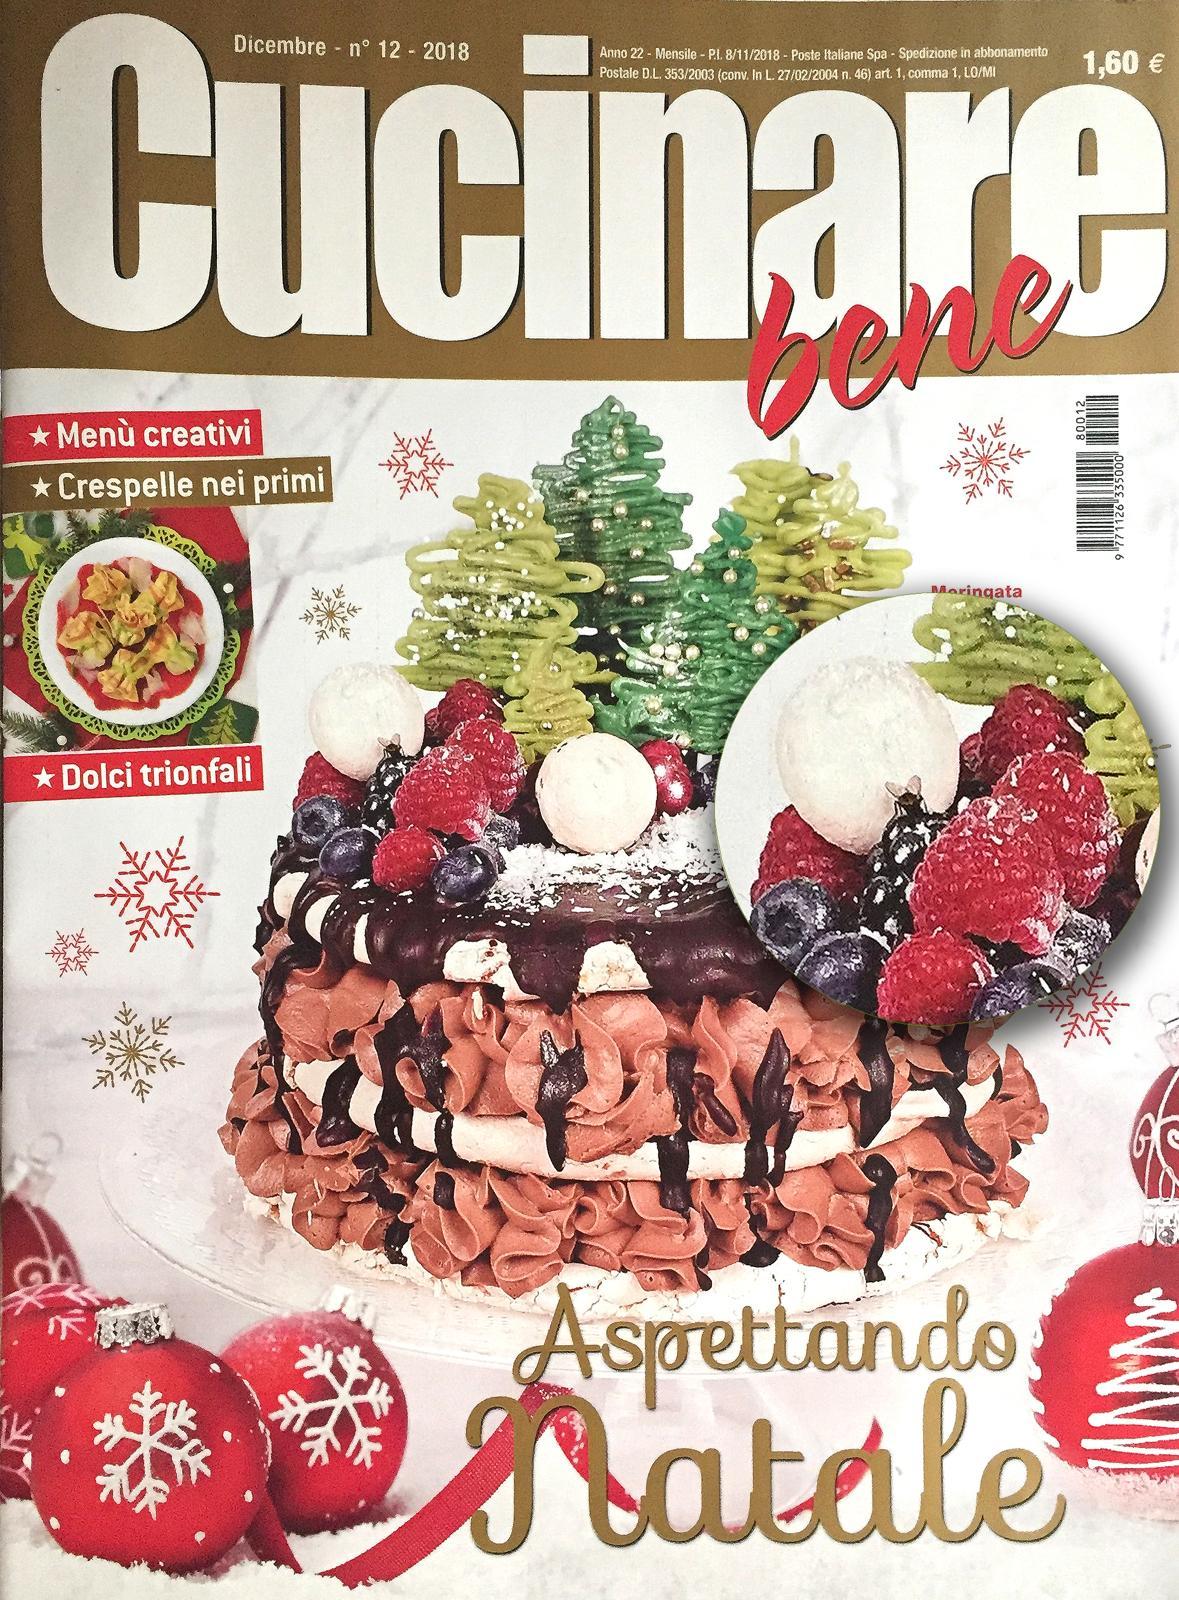 Cosa Cucinare Il 24 Dicembre franco bagnasco: editoria * «cucinare bene»: direttore, ho